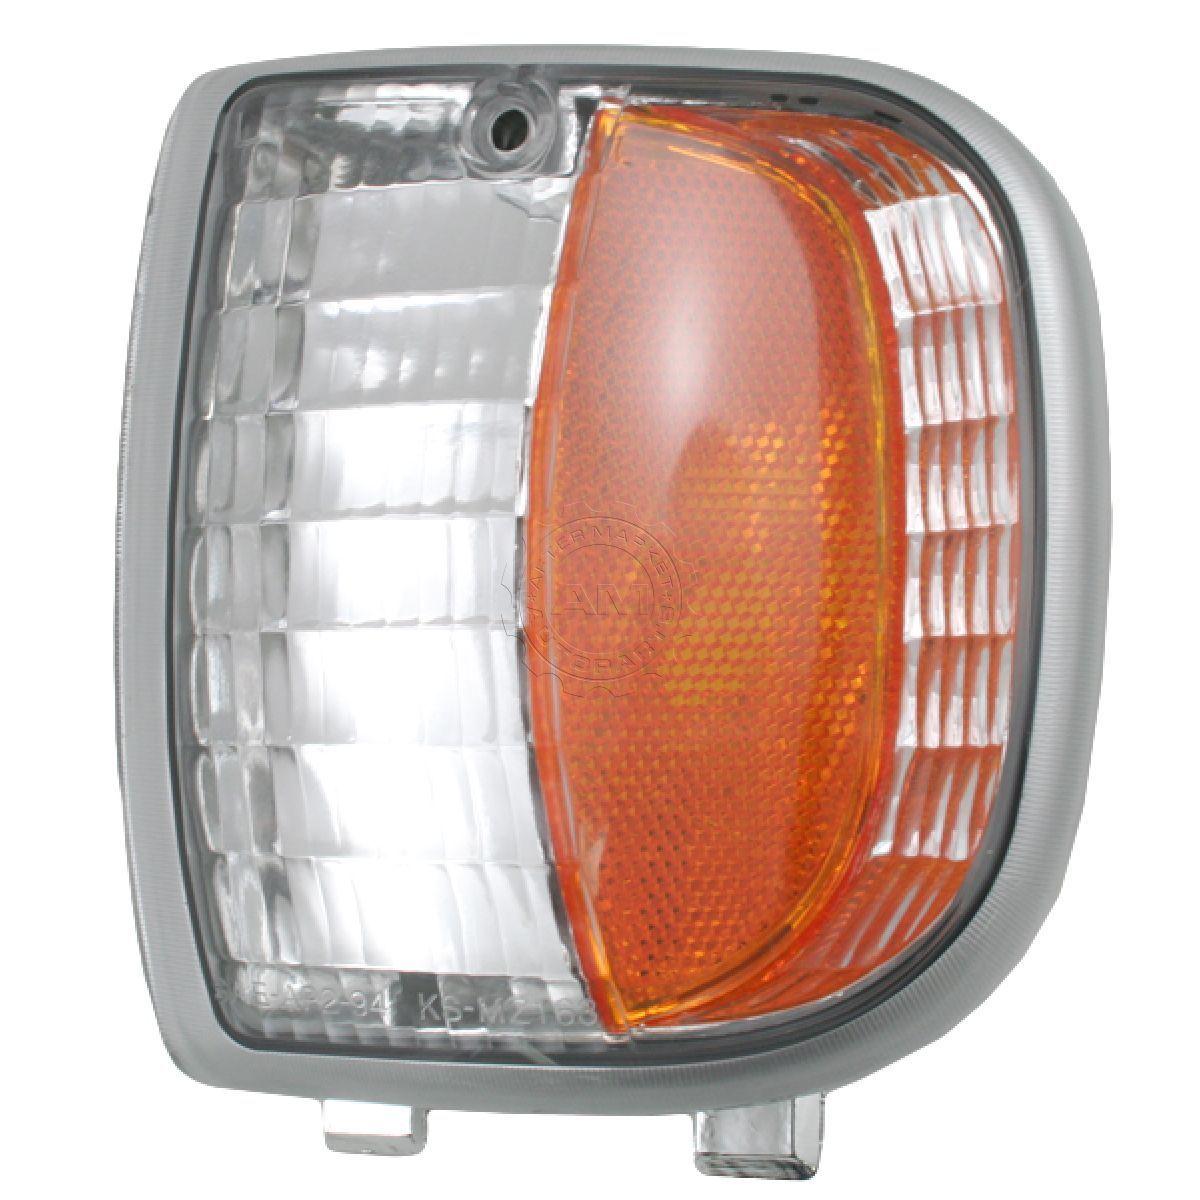 コーナーライト Side Parking Light Left for 94-97 Mazda Pickup B Series サイド駐車ライトは、94-97マツダピックアップBシリーズのために左